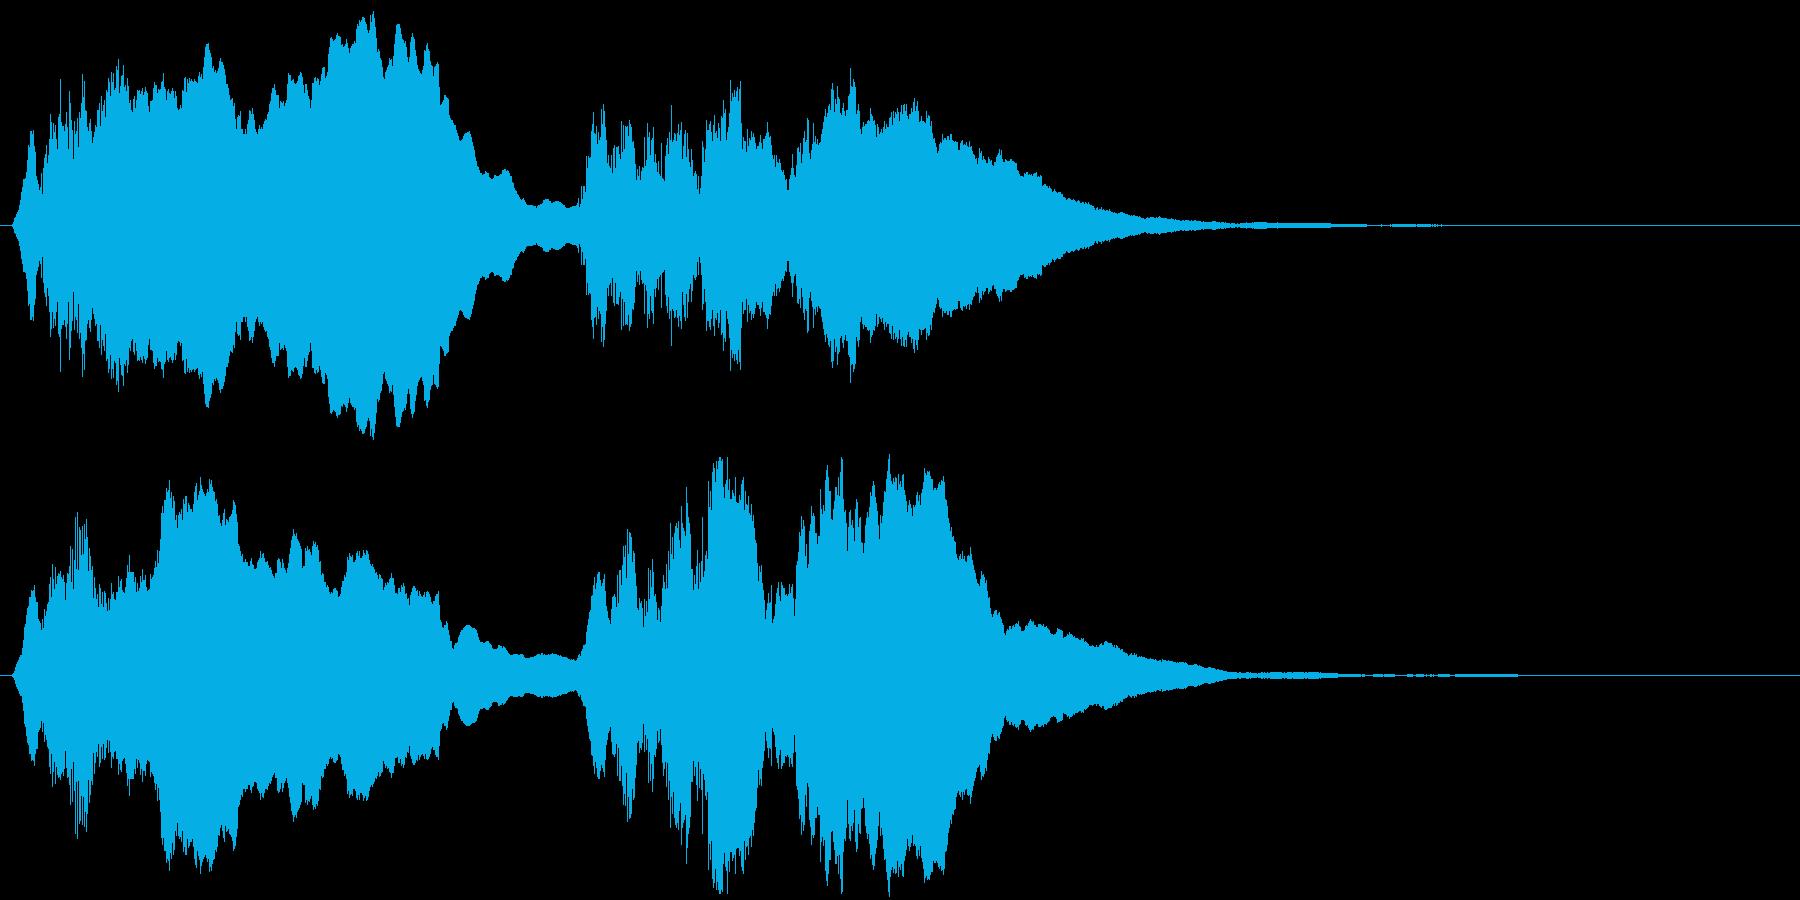 バッハ「トッカータとフーガ 」冒頭部の再生済みの波形